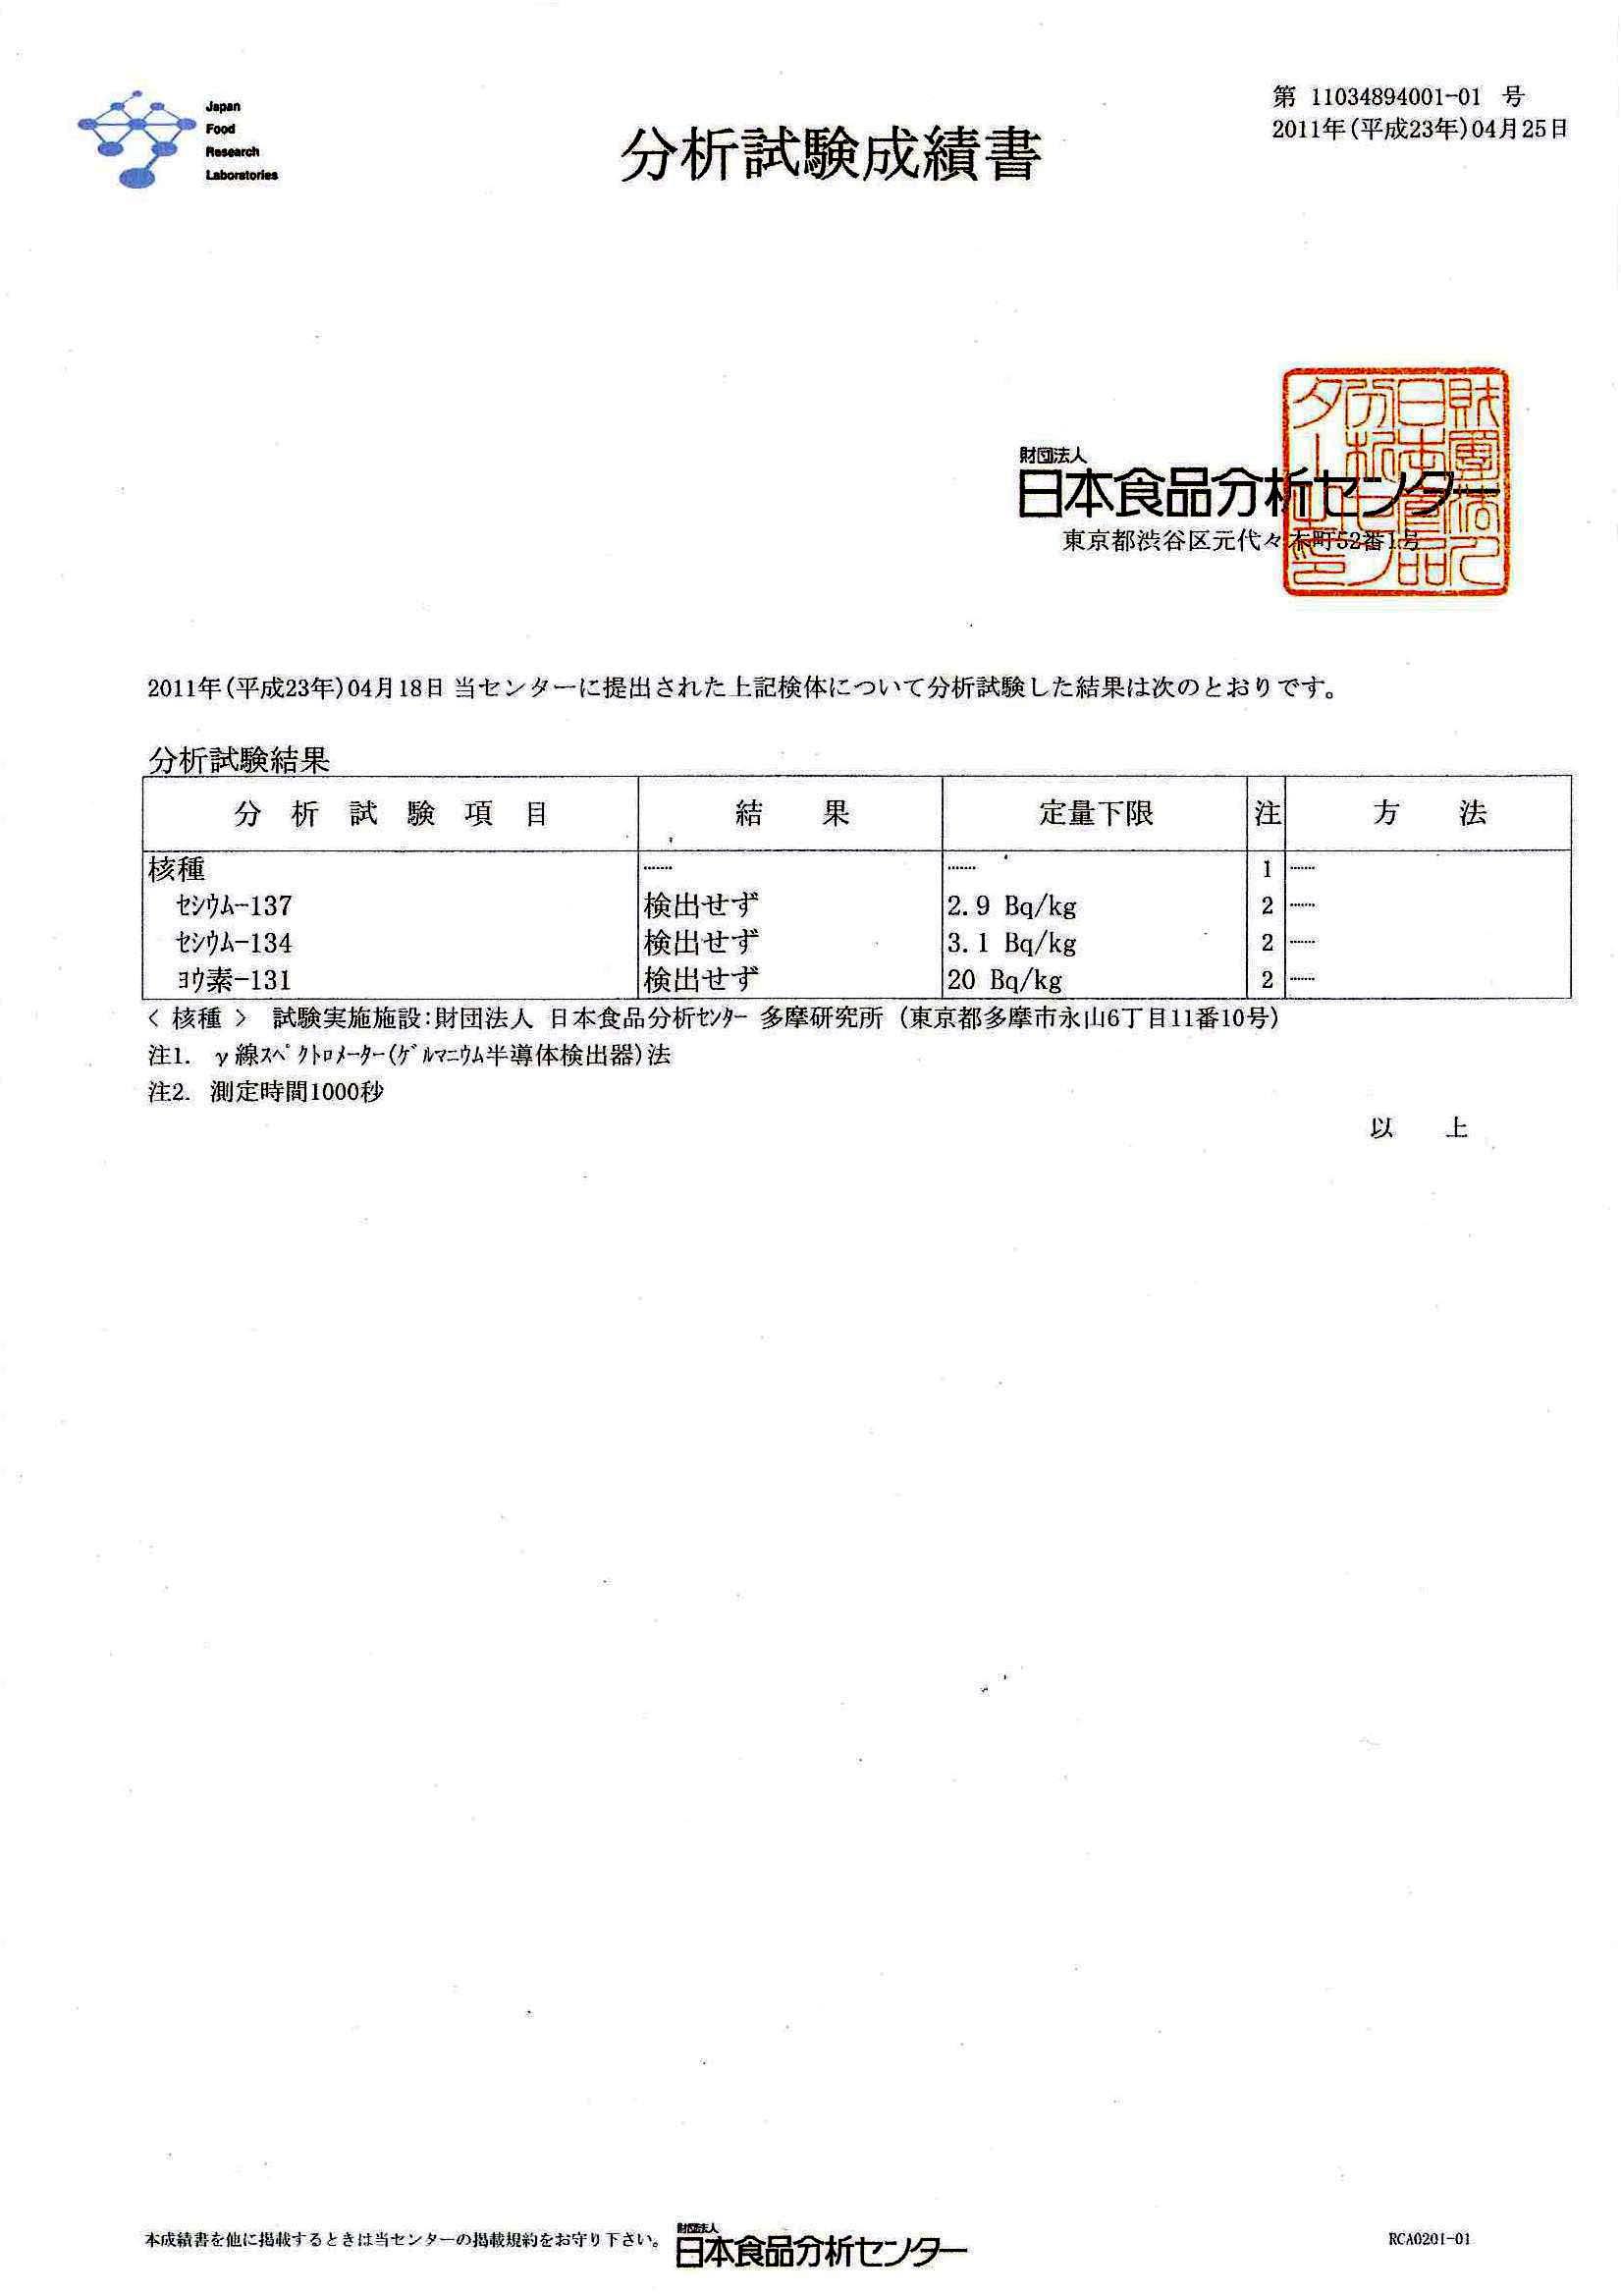 放射性物質 検査結果(English)